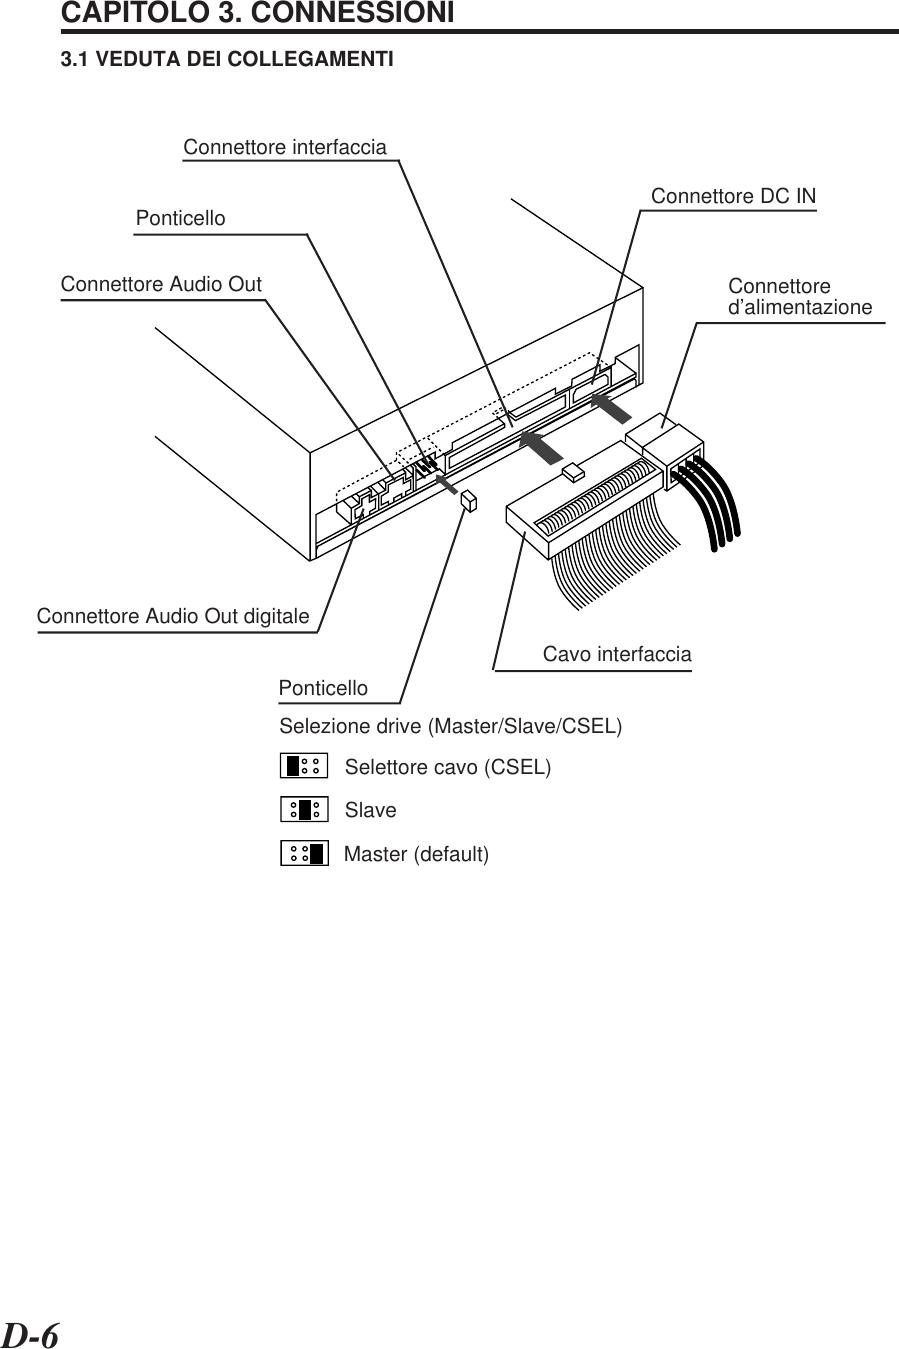 D-6CAPITOLO 3. CONNESSIONI3.1 VEDUTA DEI COLLEGAMENTIPonticelloConnettore Audio Out Connettored'alimentazioneCavo interfacciaConnettore DC INConnettore Audio Out digitalePonticelloSelezione drive (Master/Slave/CSEL)Selettore cavo (CSEL)SlaveMaster (default)Connettore interfaccia